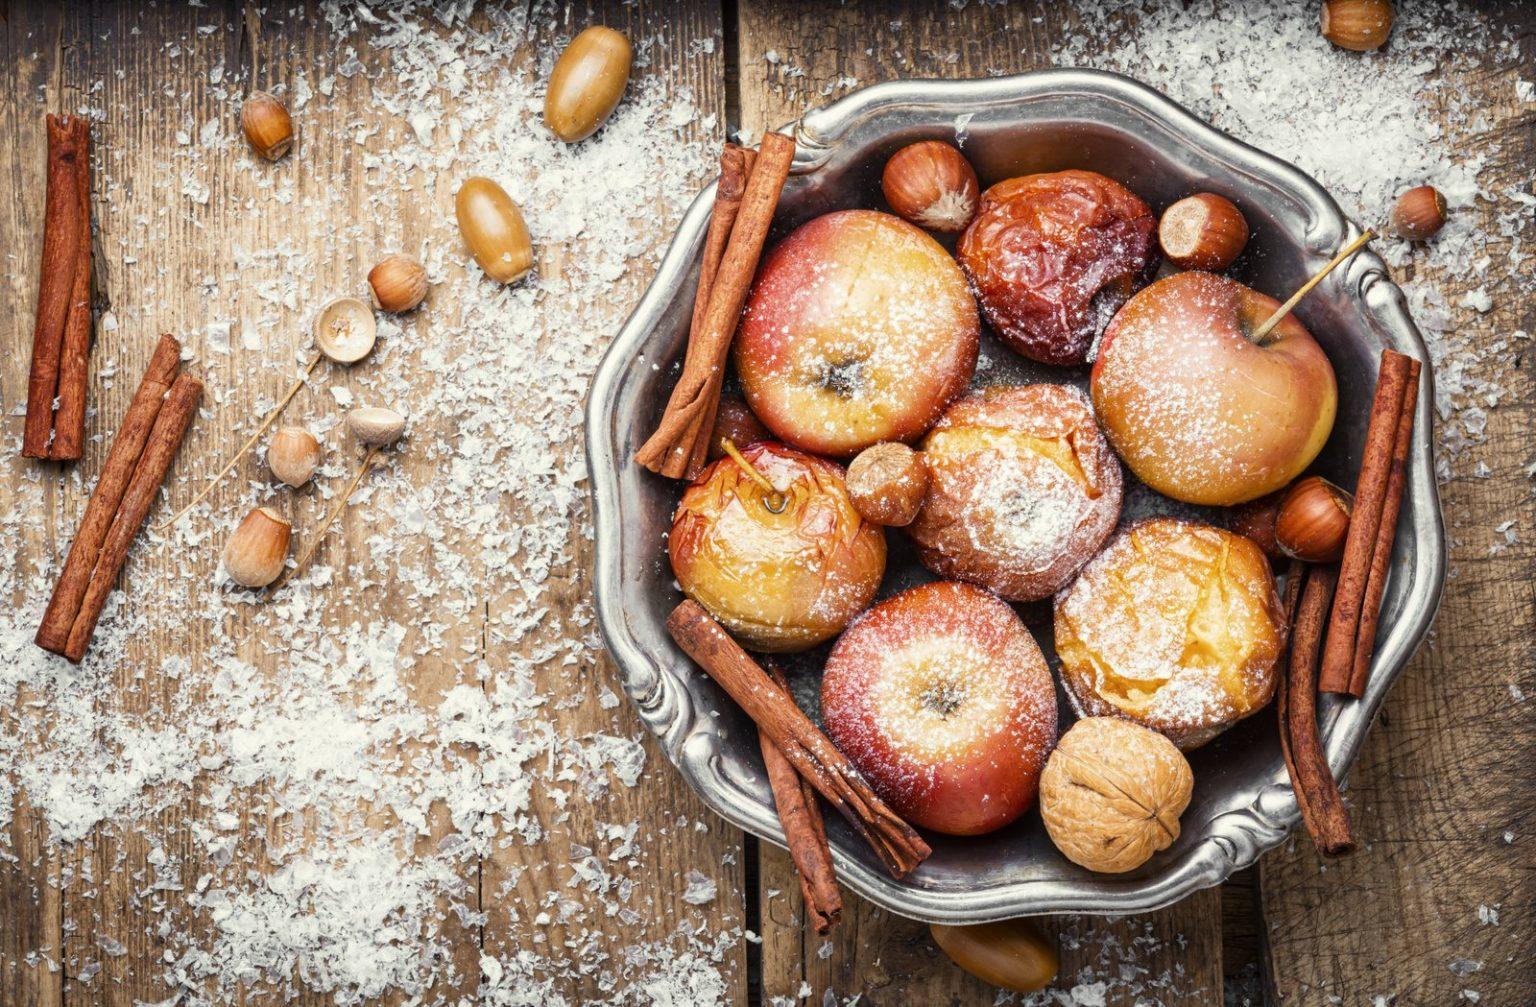 Vintage baked apples